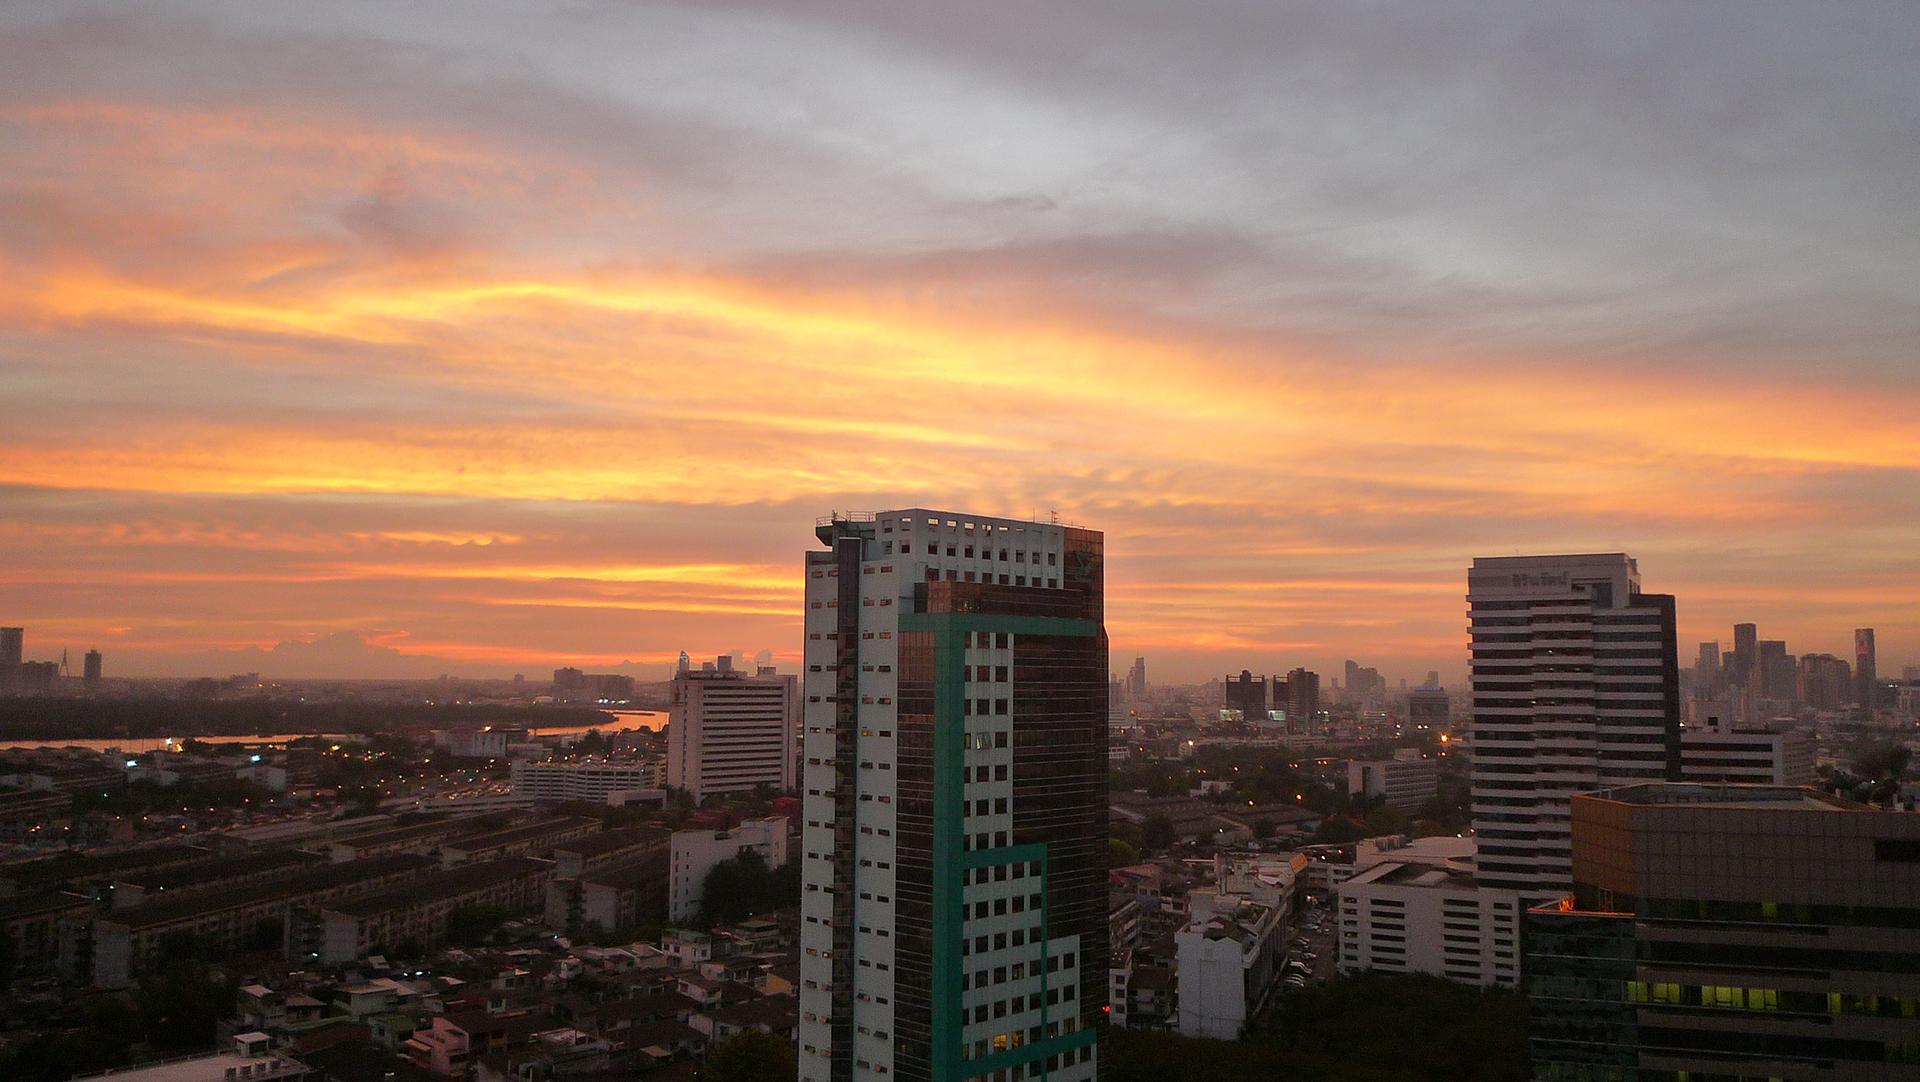 Original photo taken at Bangkok, Thailand